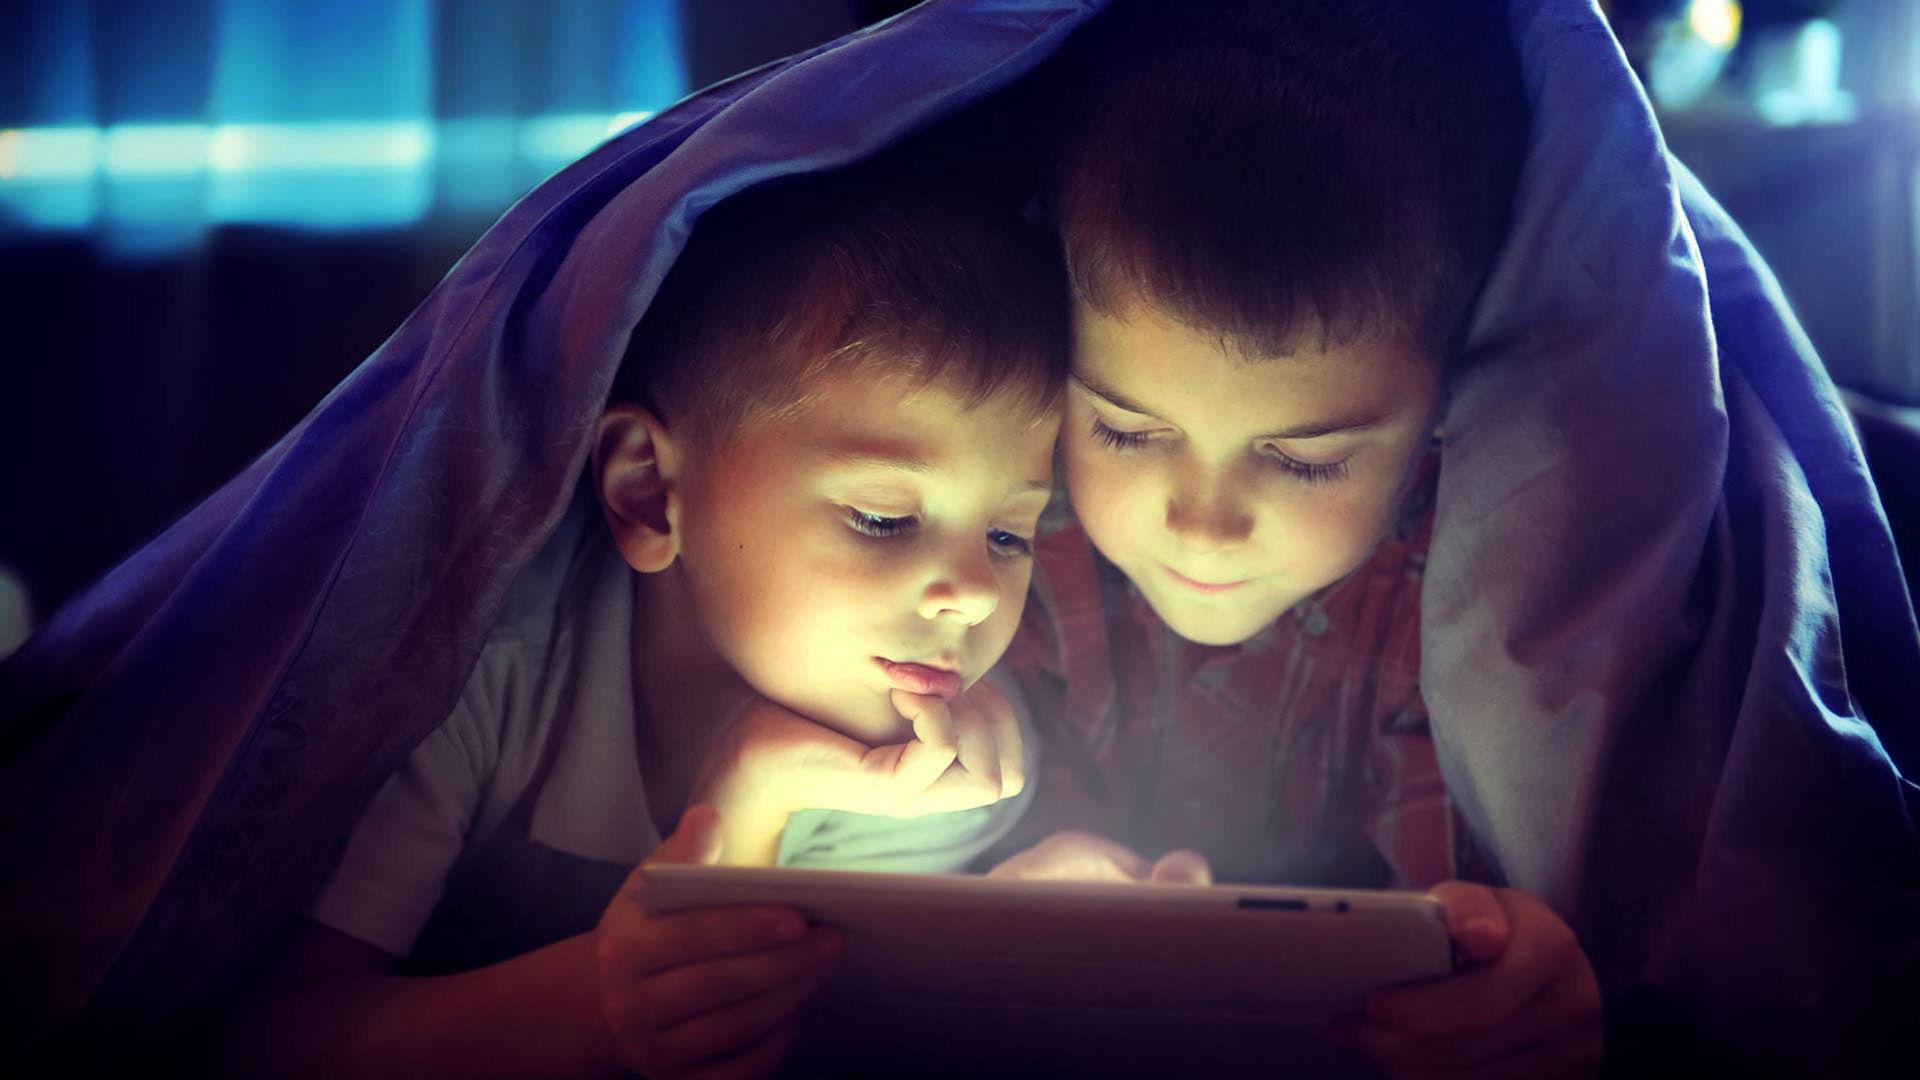 Stargazing for kids